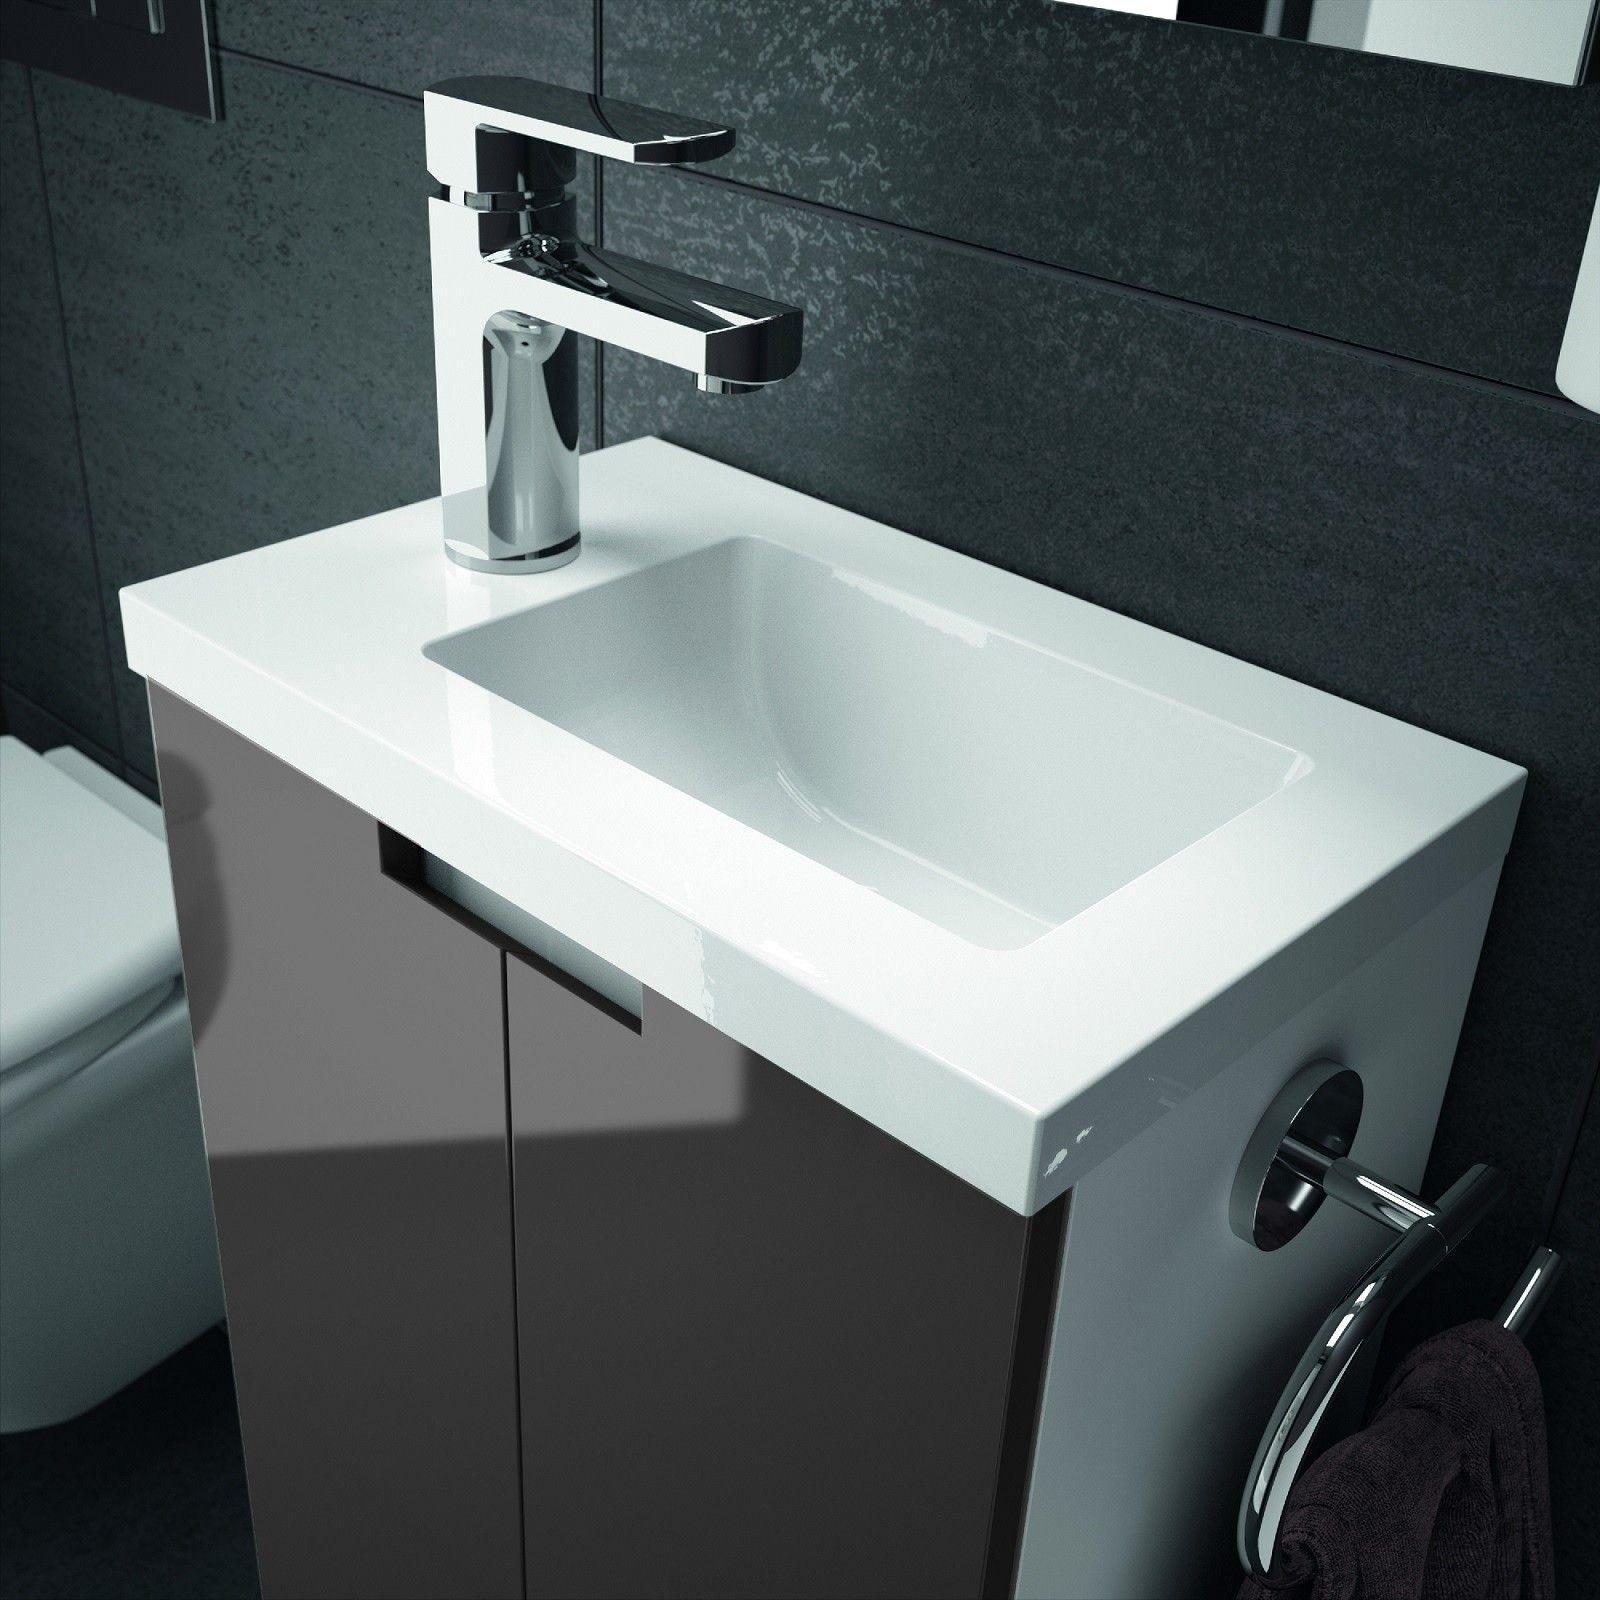 ALLIBERT Badmöbel Gäste-WC Set vormontiert weiß anthrazit grau Glanz ...